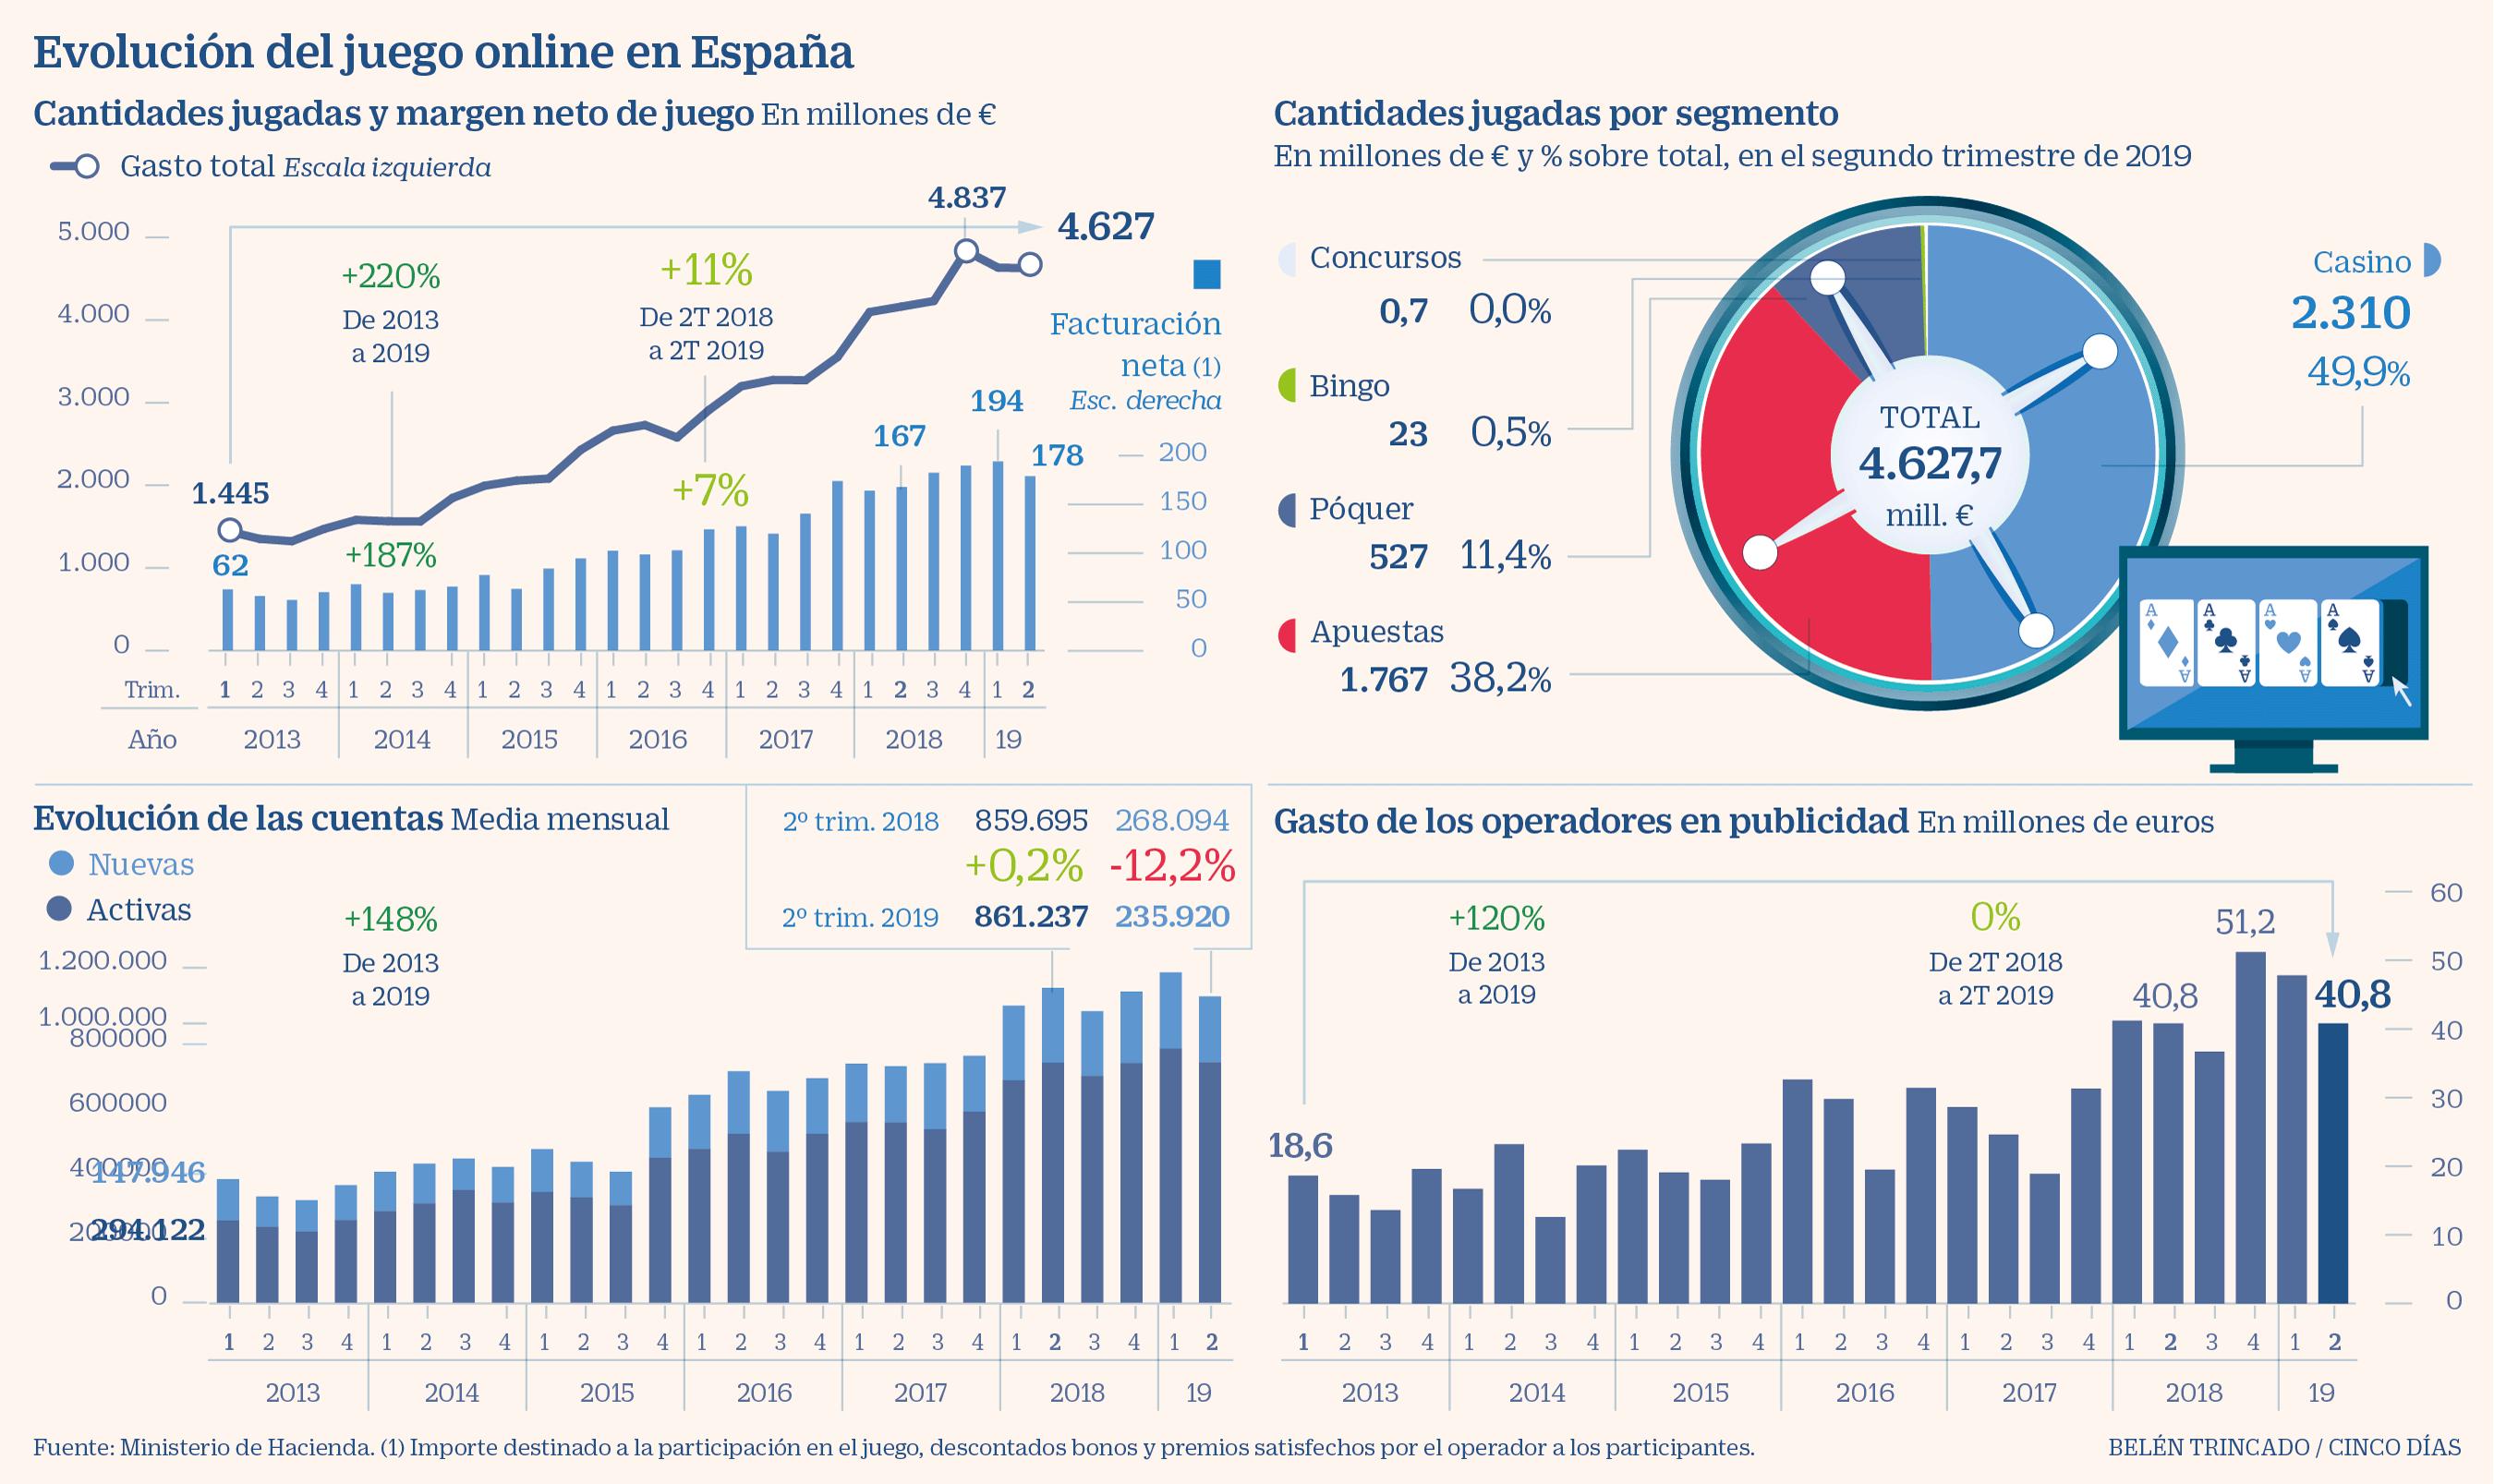 38 Juegos Deportivos Municipales Calendario.El Juego Online Pisa El Freno Tras Las Cifras Record De 2018